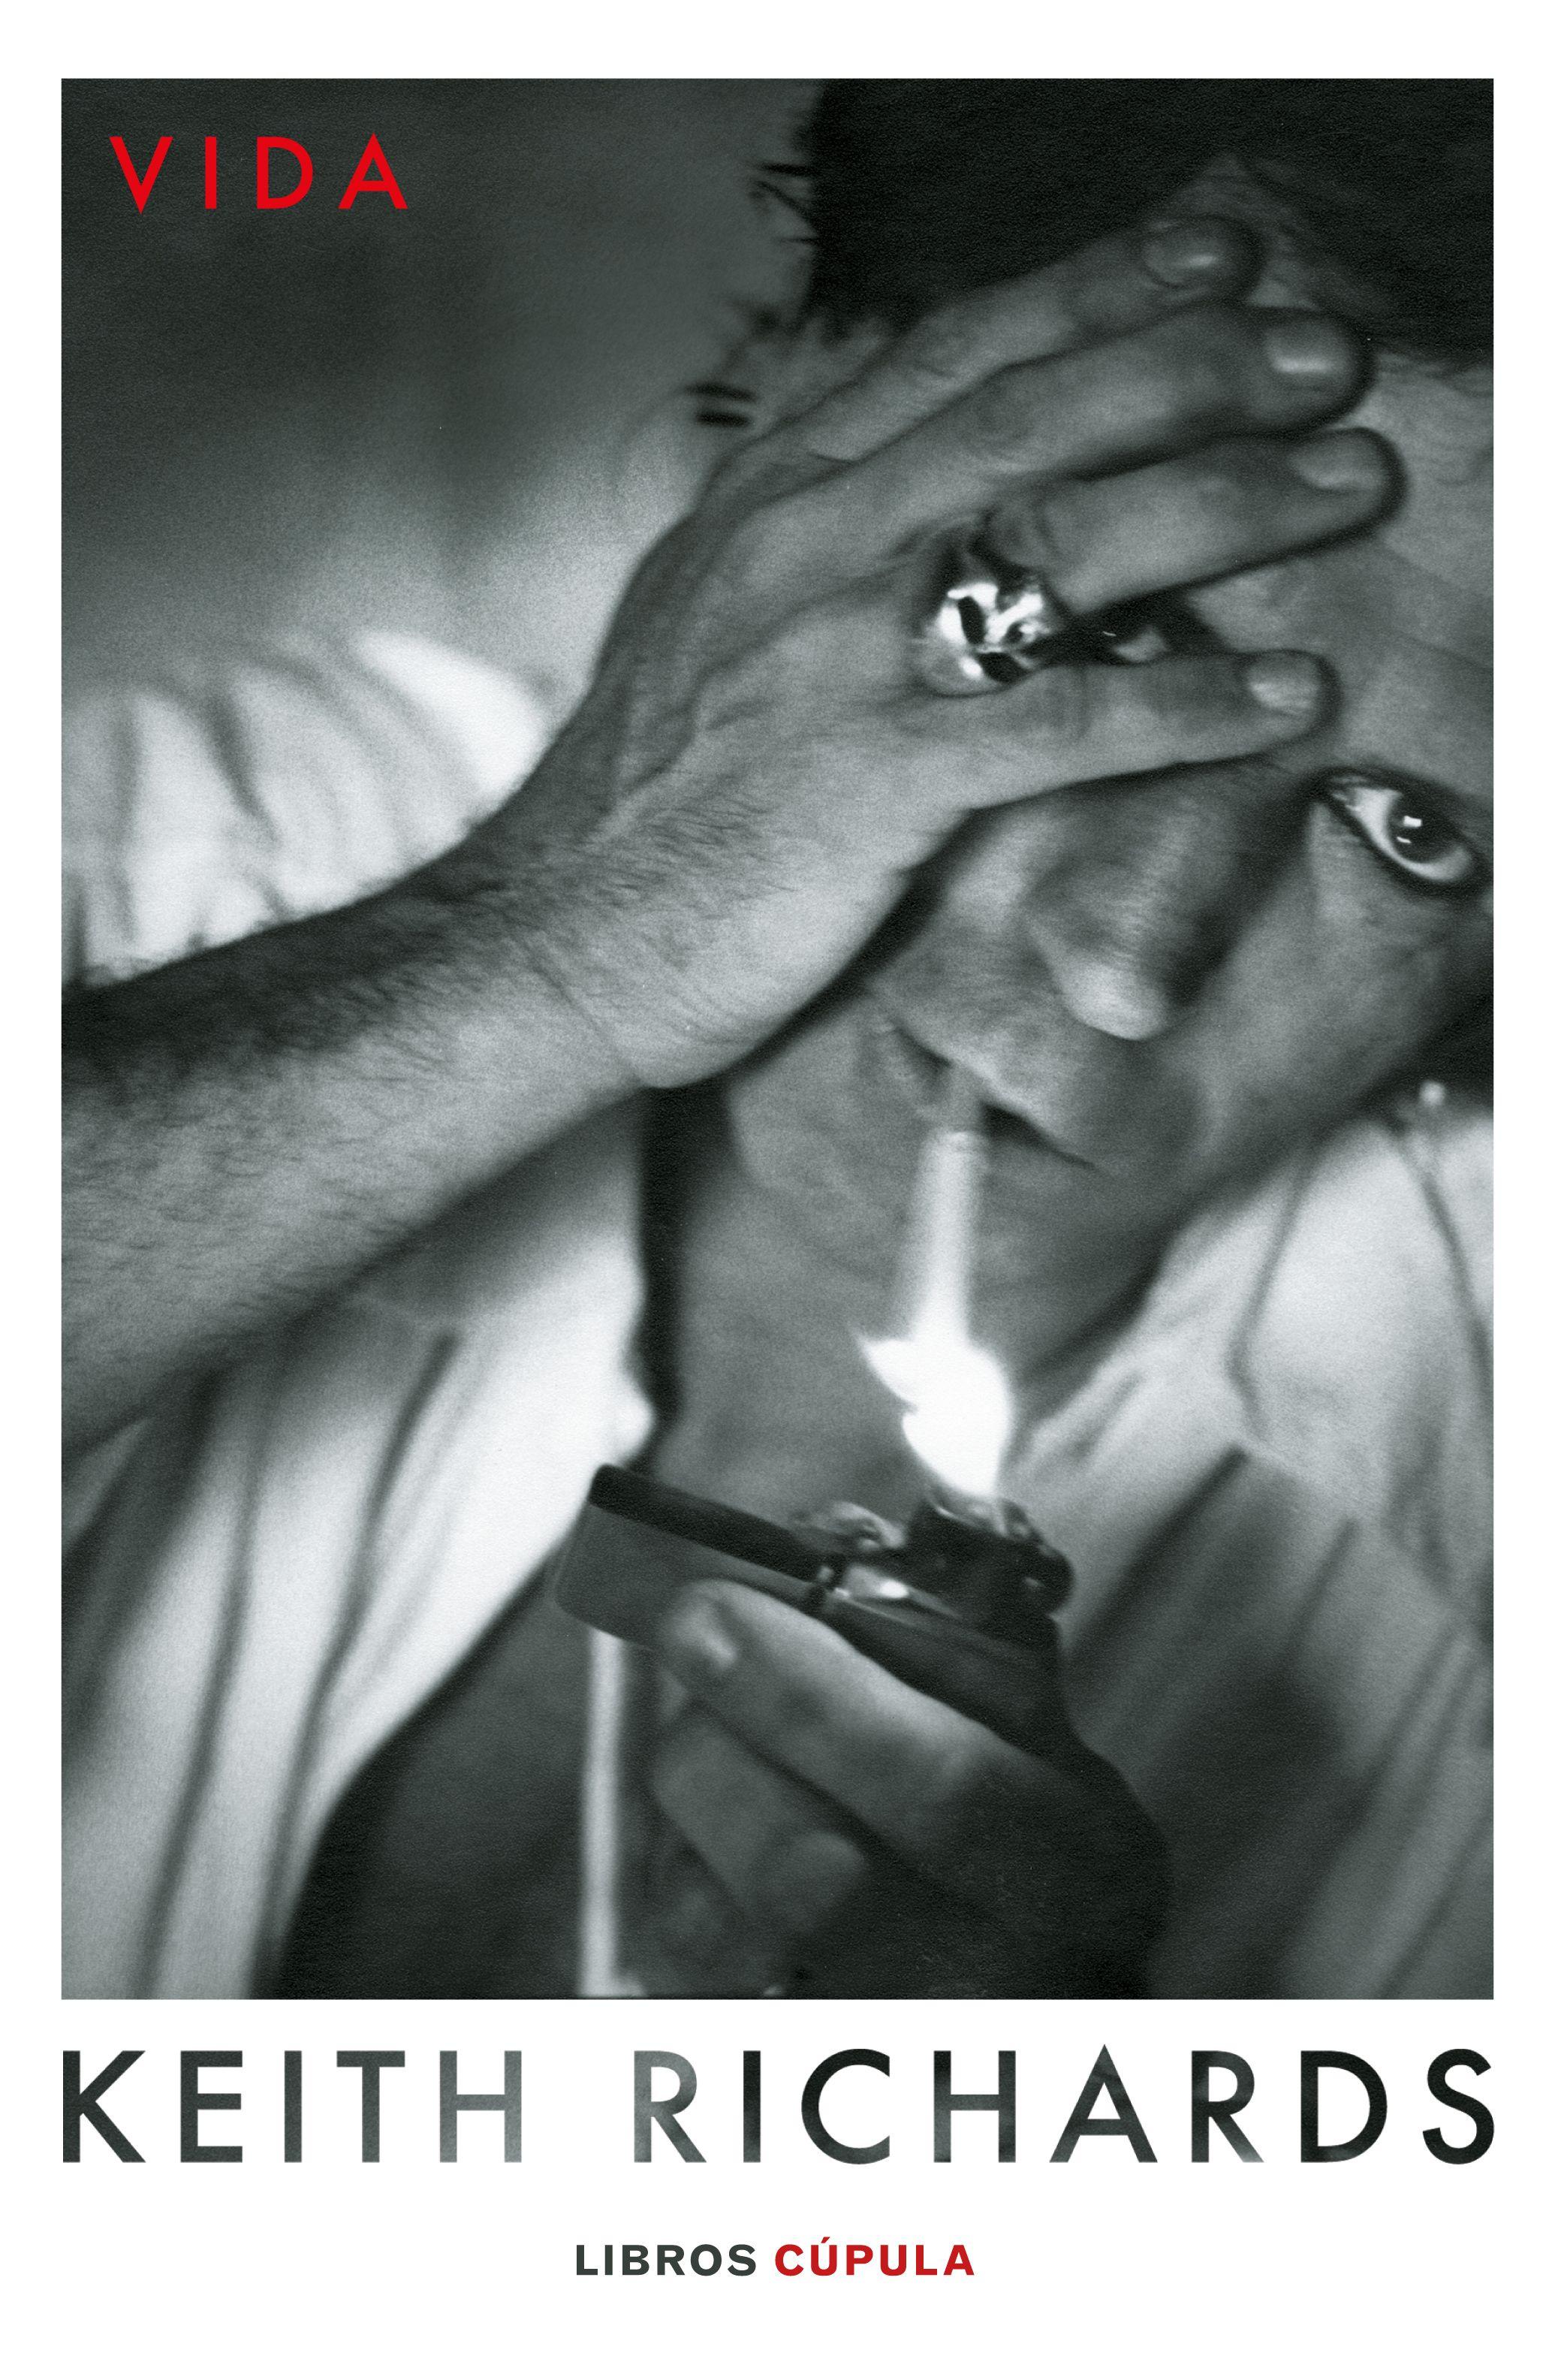 Vida, de Keith Richards